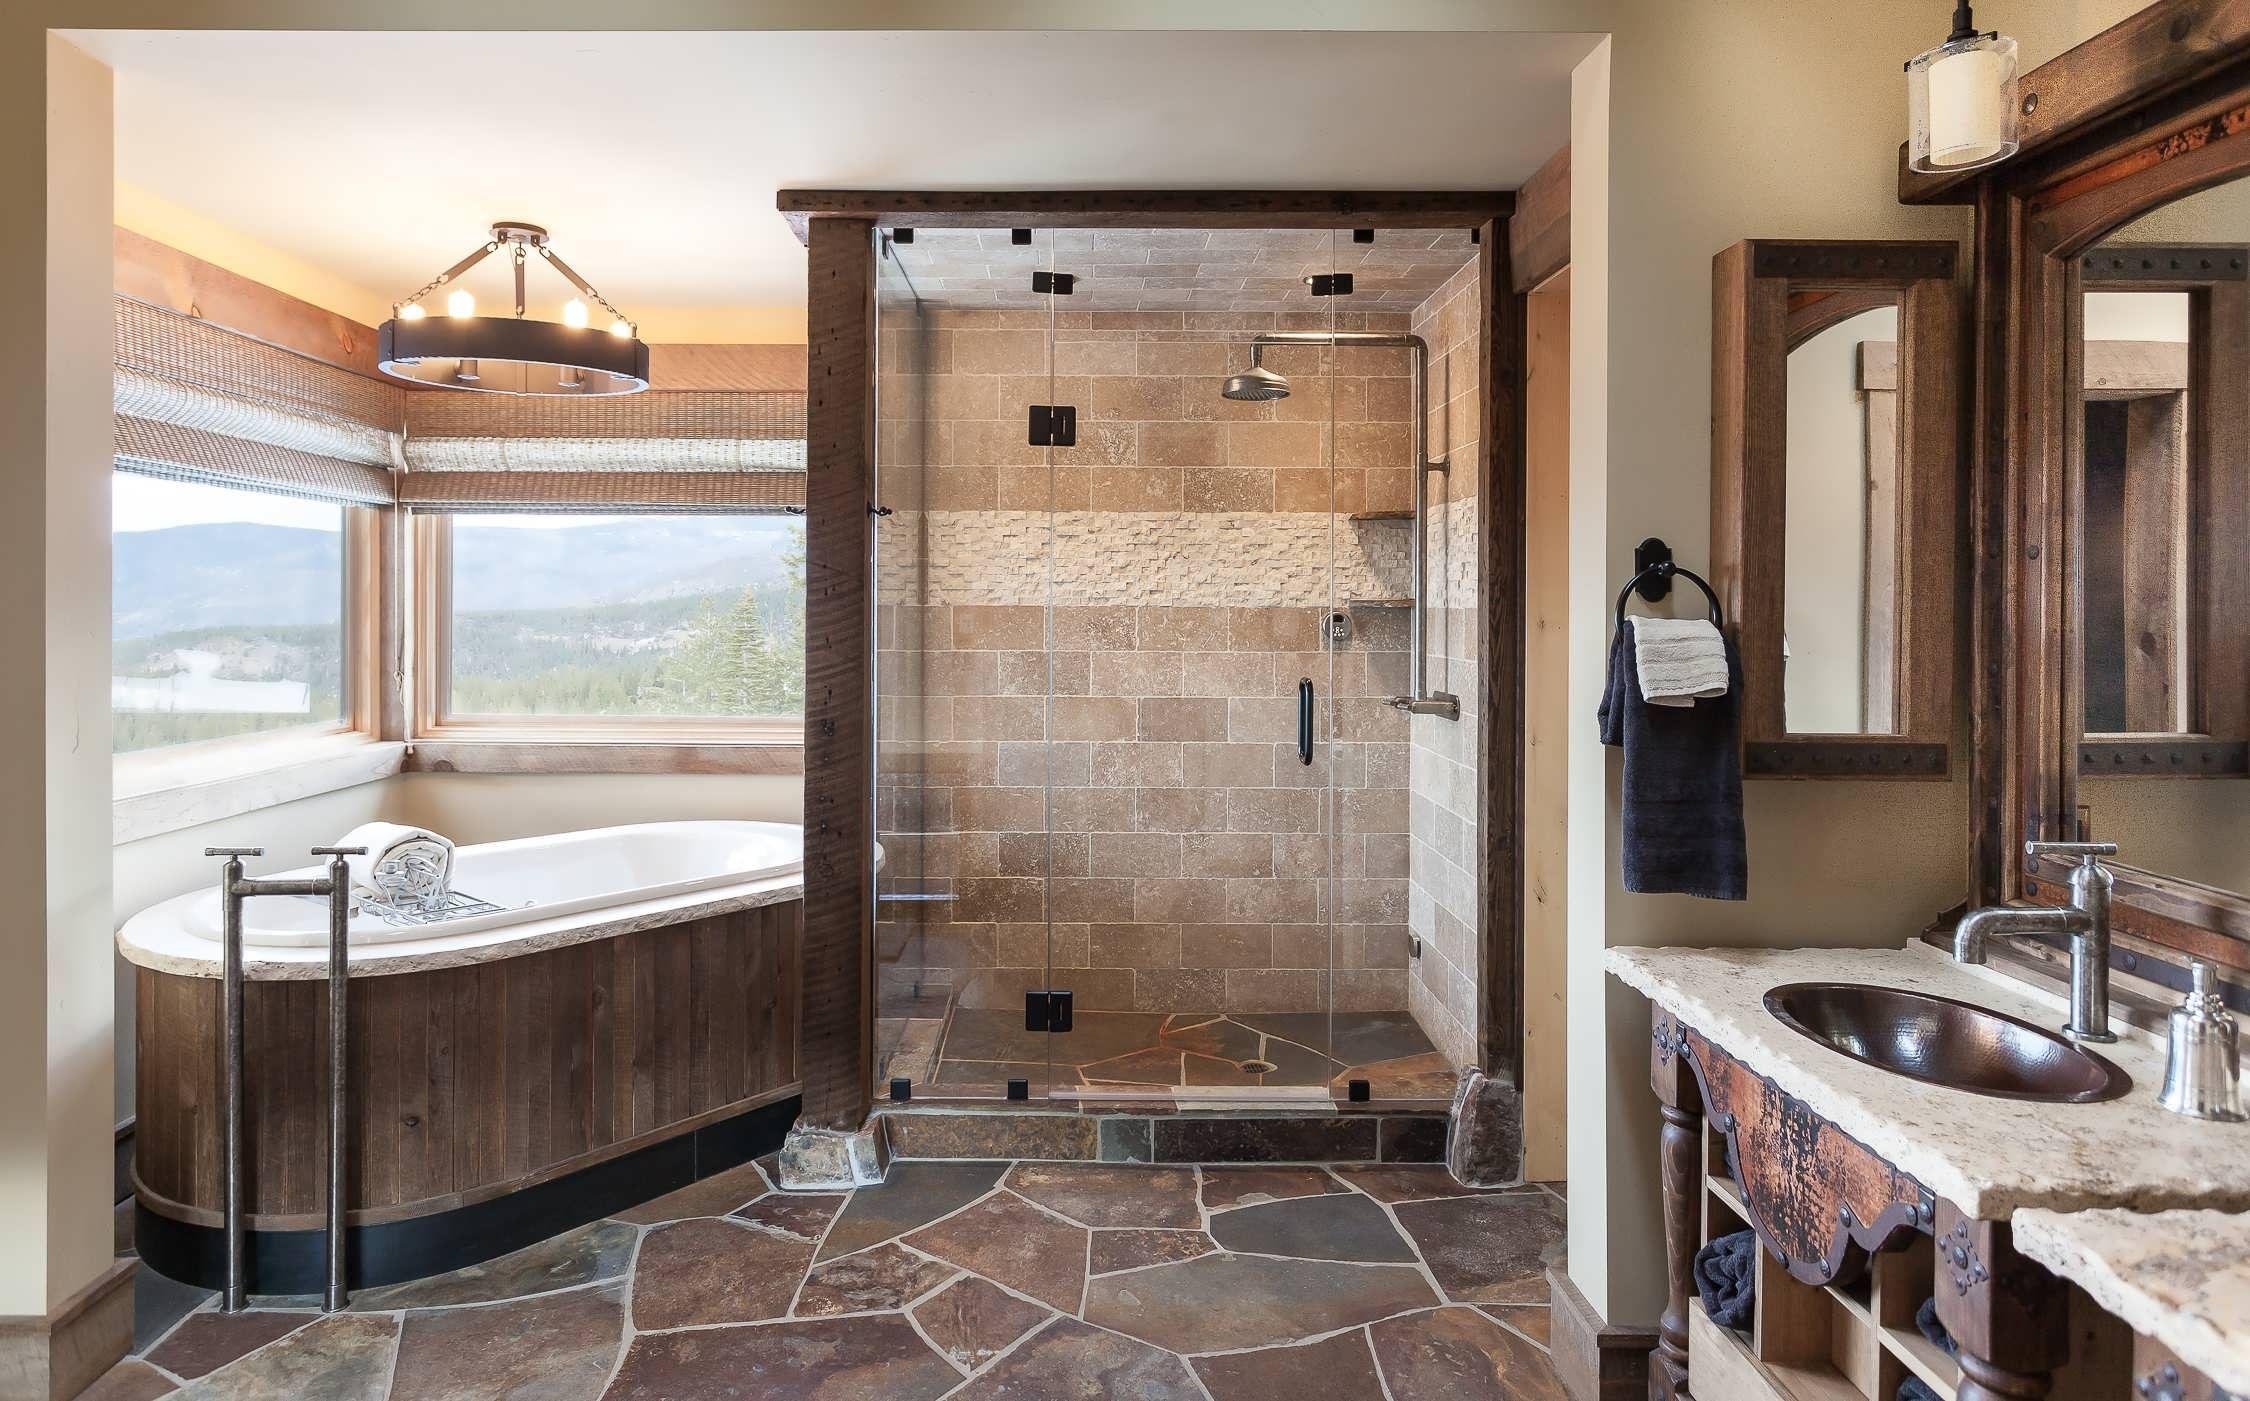 Badezimmer design rustikal rustikales badezimmer entwürfe  mehr auf unserer website  die